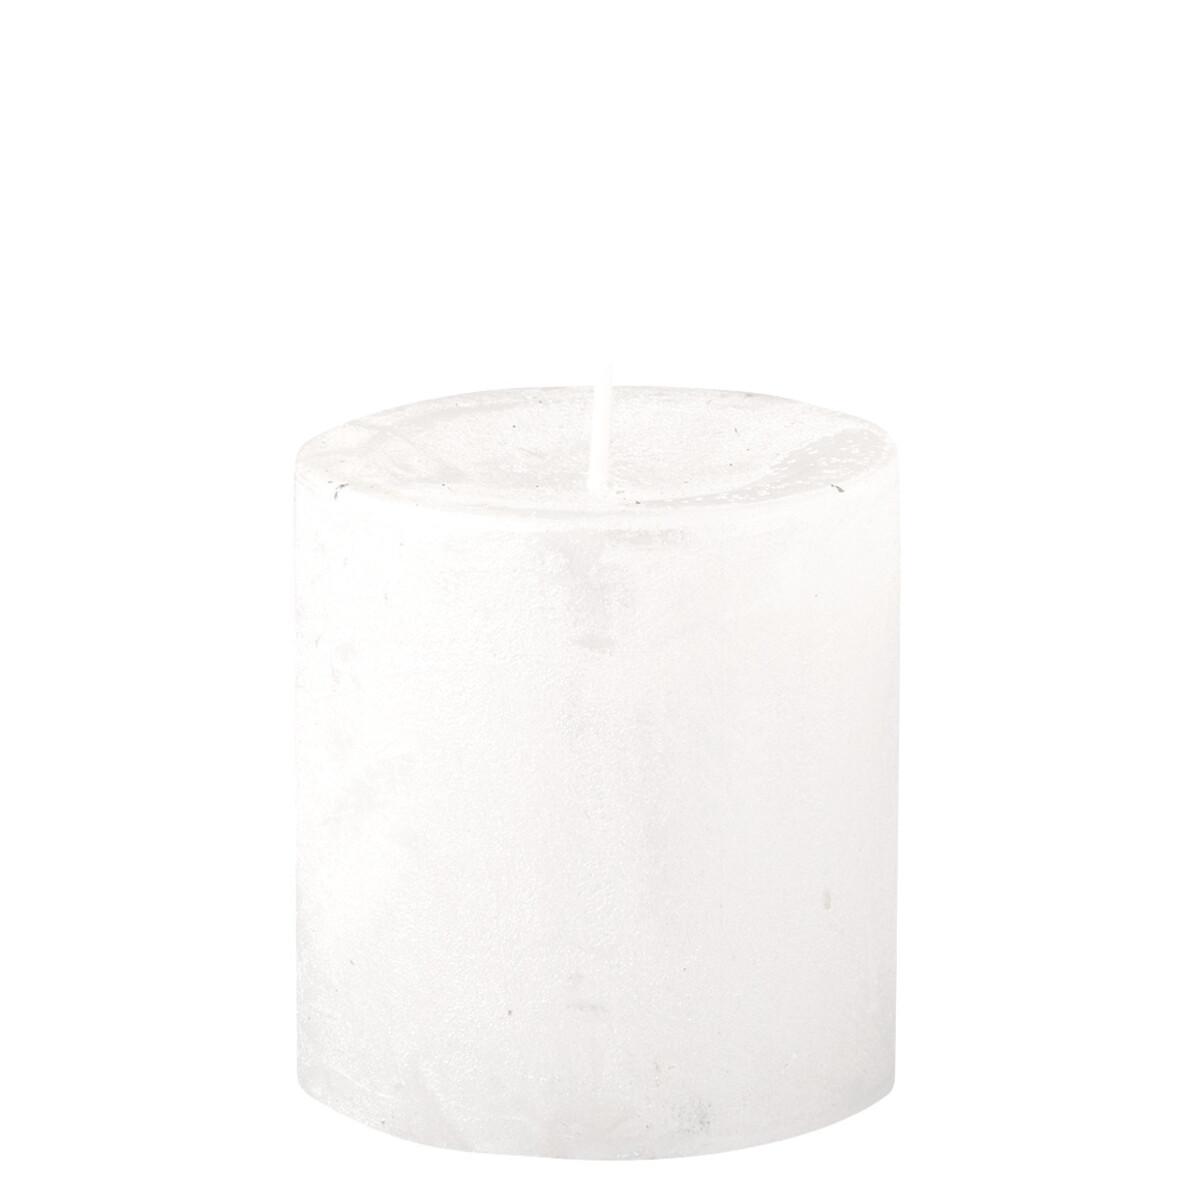 Bild 1 von Kleine Kerze im Metallic-Look